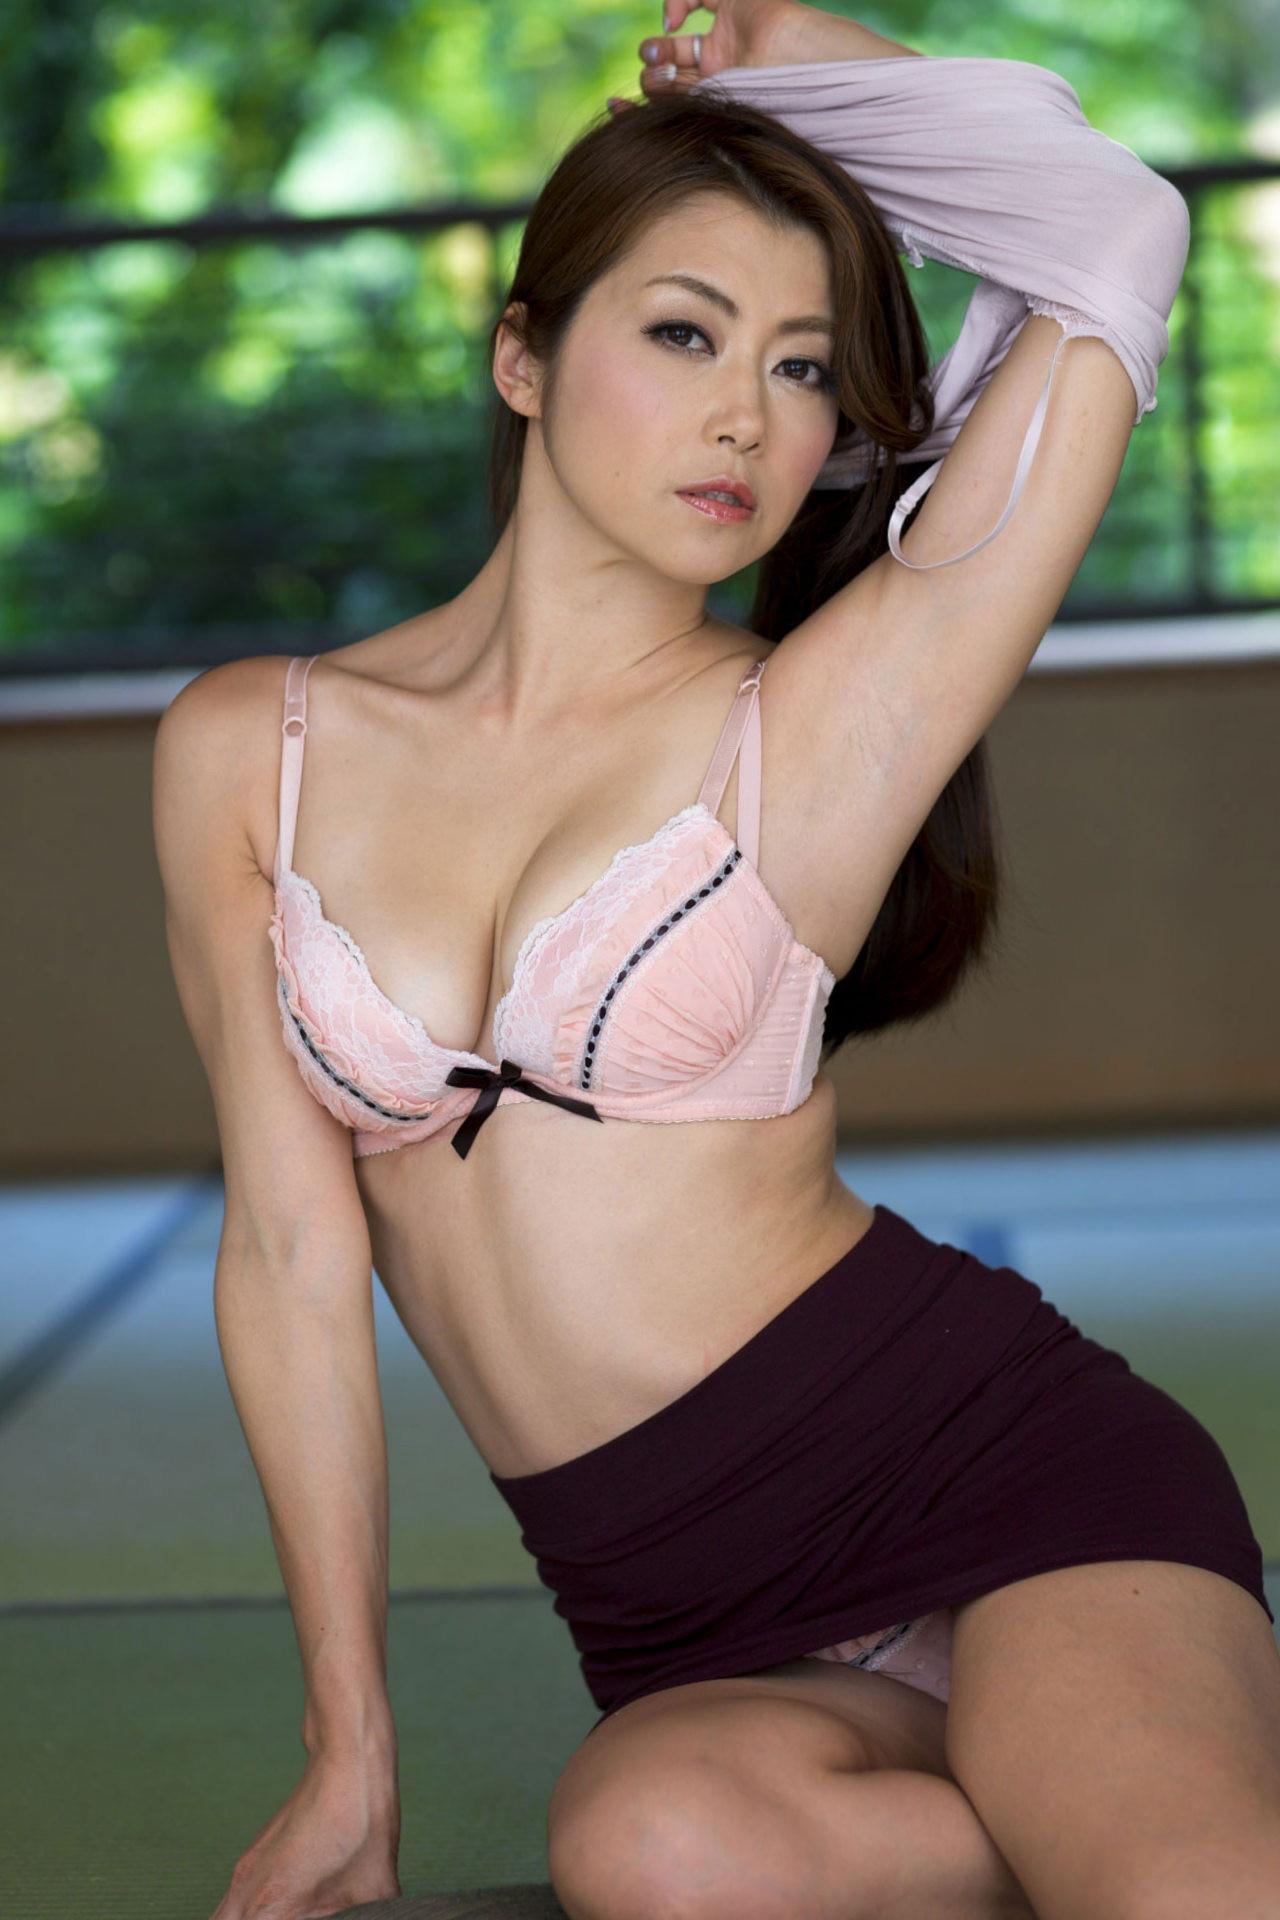 北条麻妃 人妻っぽい美熟女AV女優 エロ画像 157枚